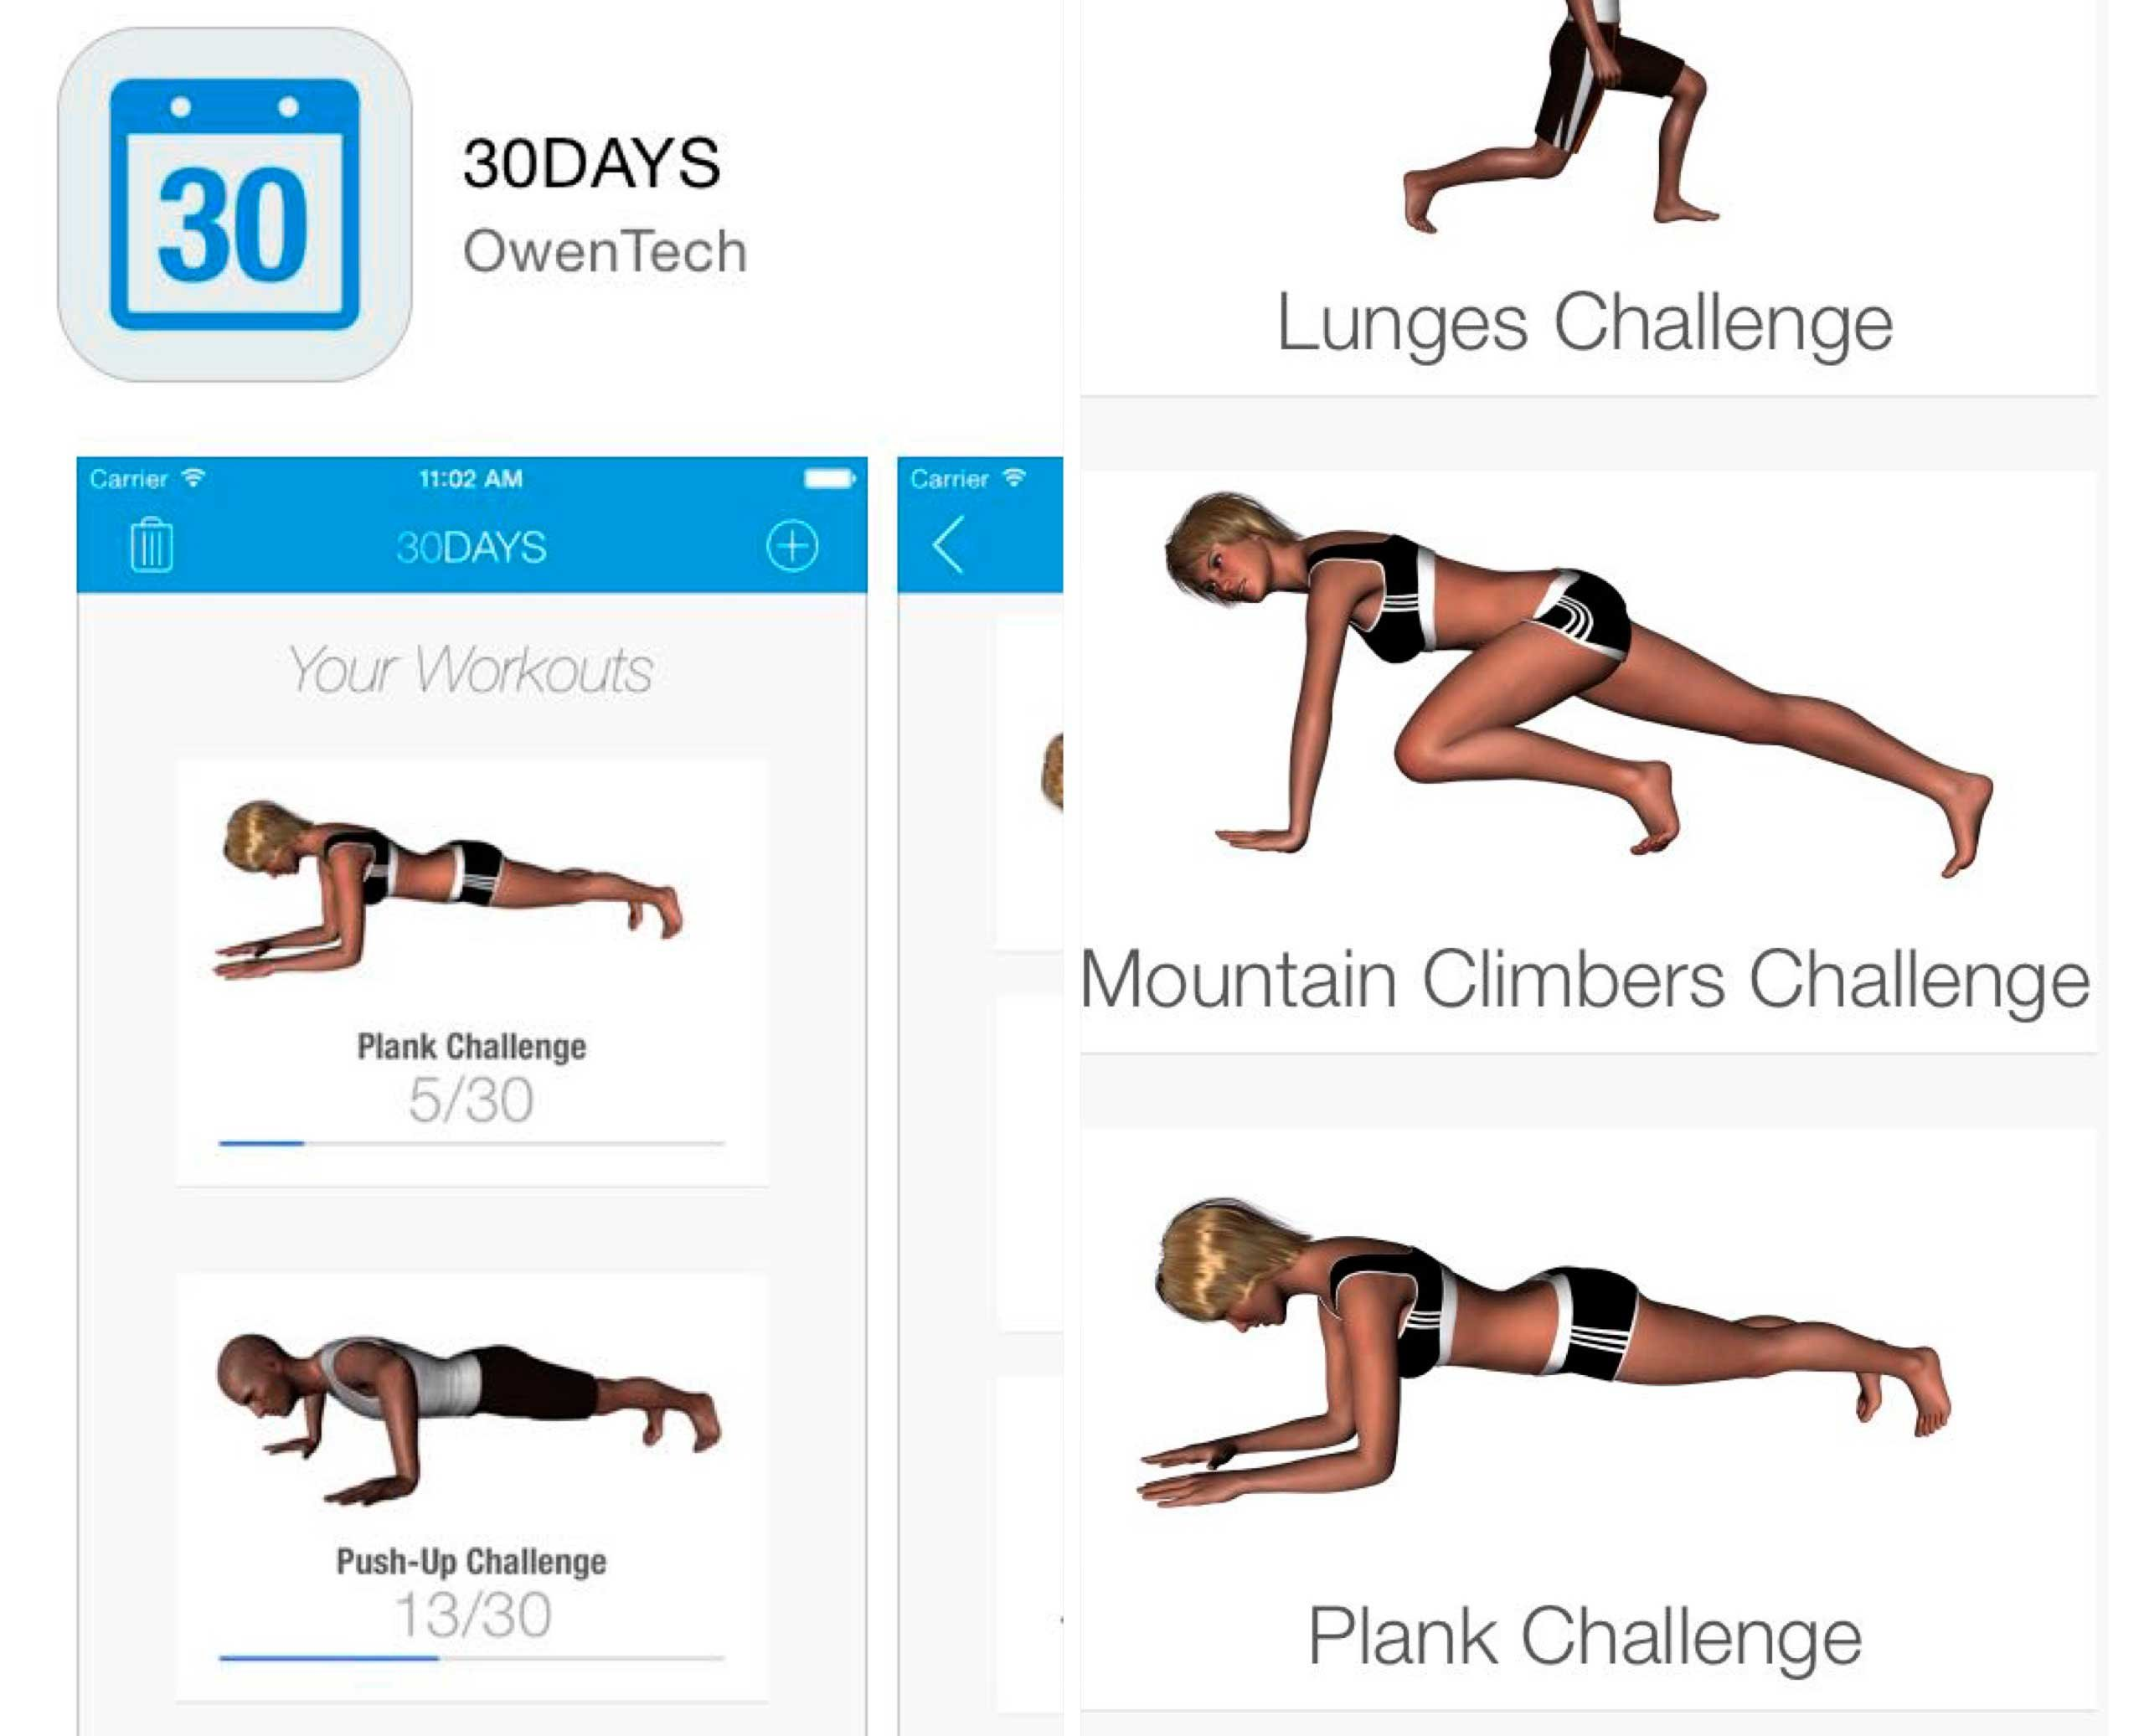 Упражнение планка - это ваш идеальный пресс.